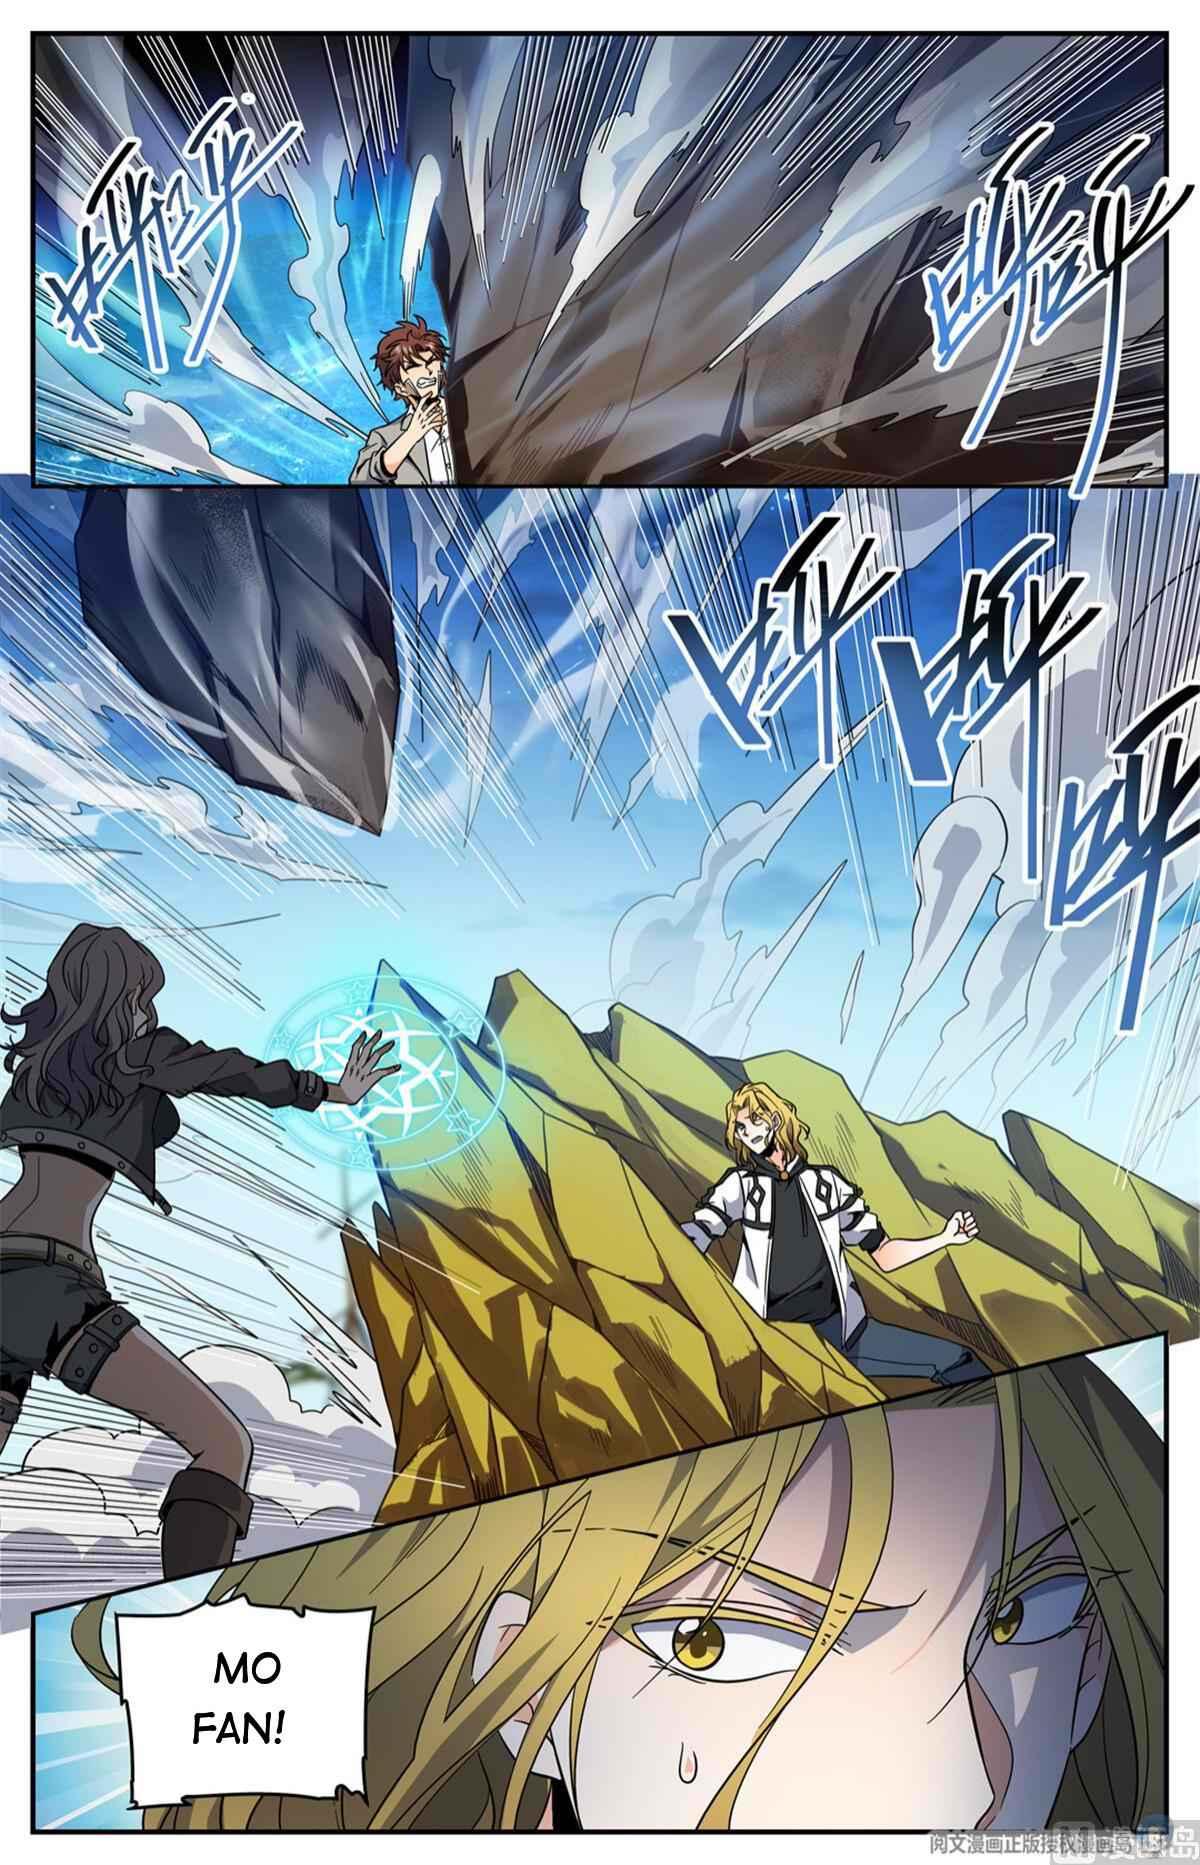 Versatile Mage - chapter 629-eng-li